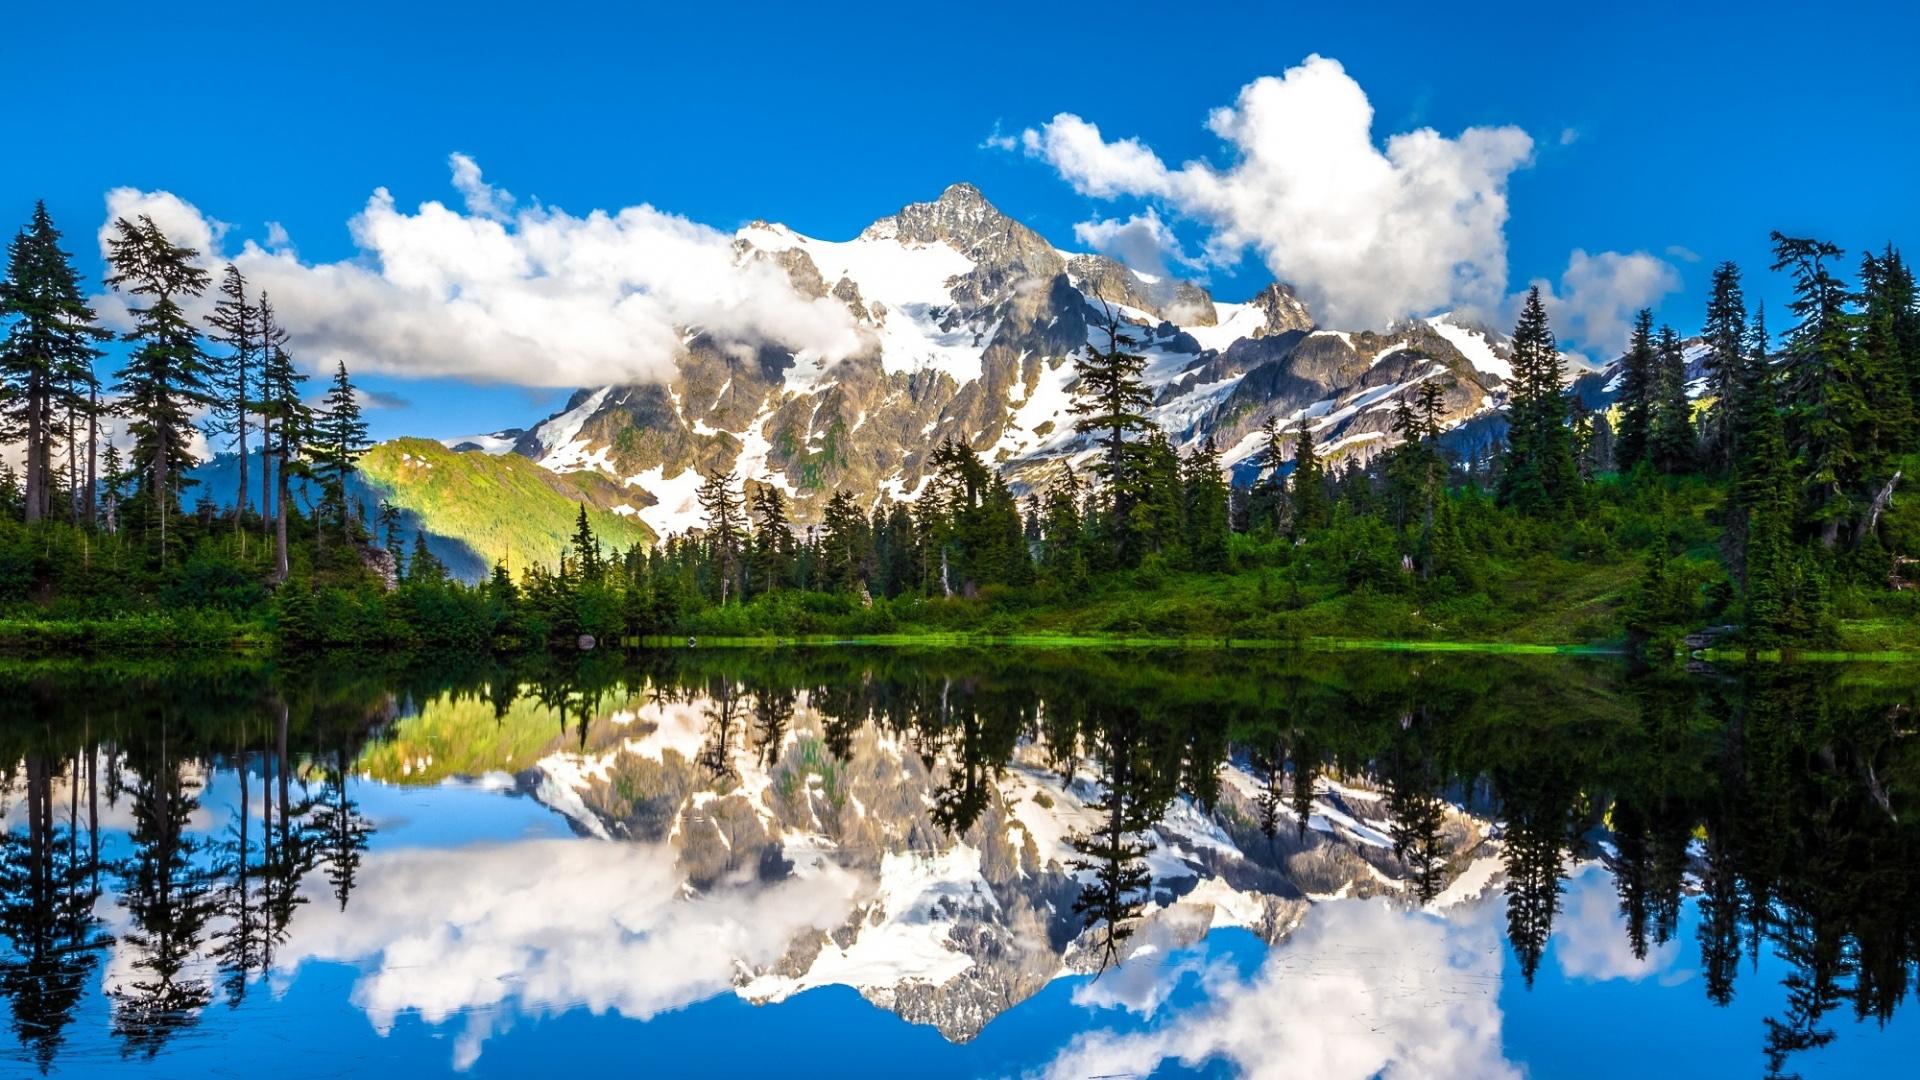 Background đơn giản với cảnh núi sông